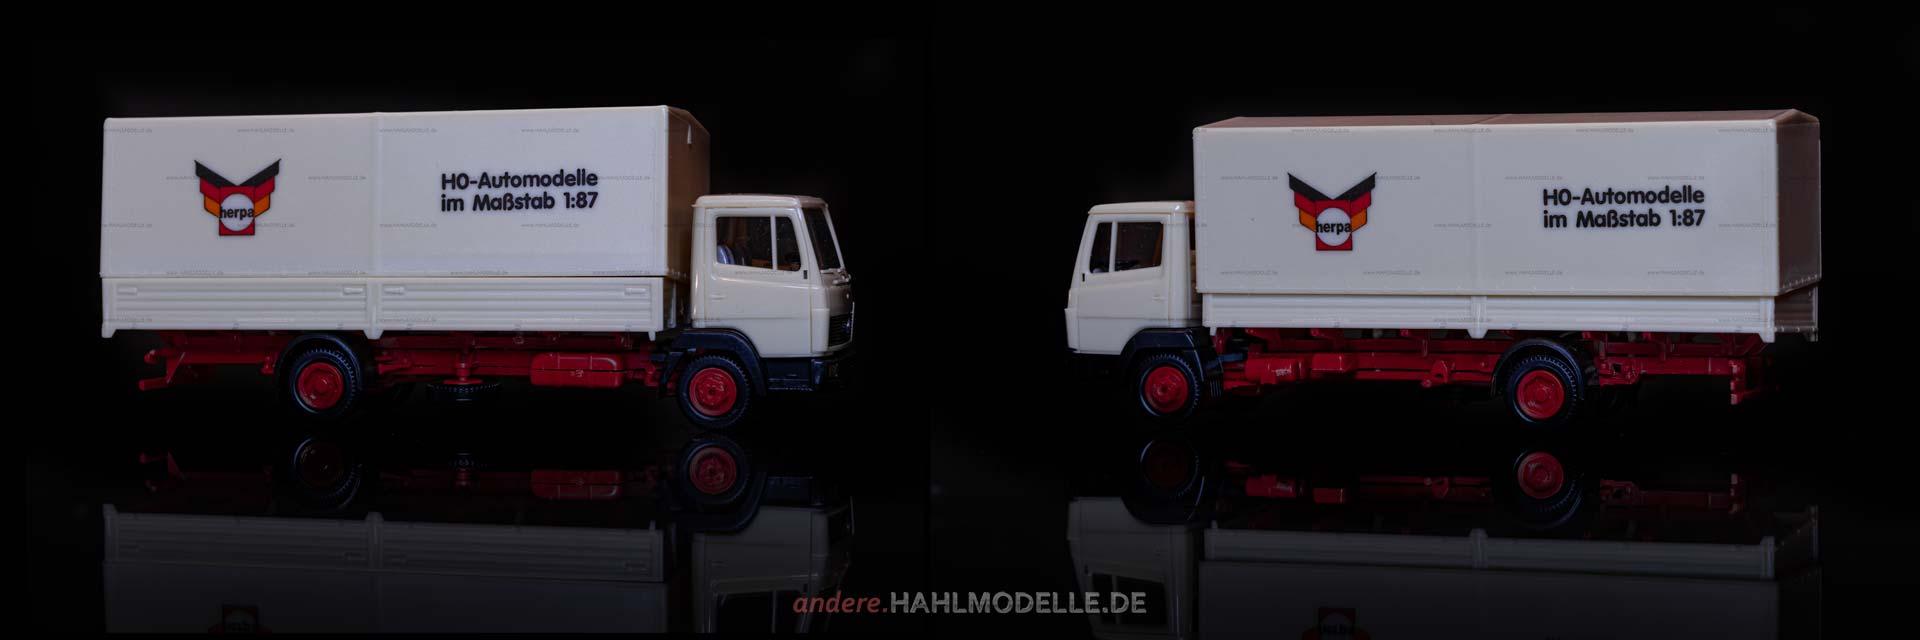 Mercedes-Benz LK 814 | LKW Pritsche/Plane | Herpa | 1:87 | www.andere.hahlmodelle.de